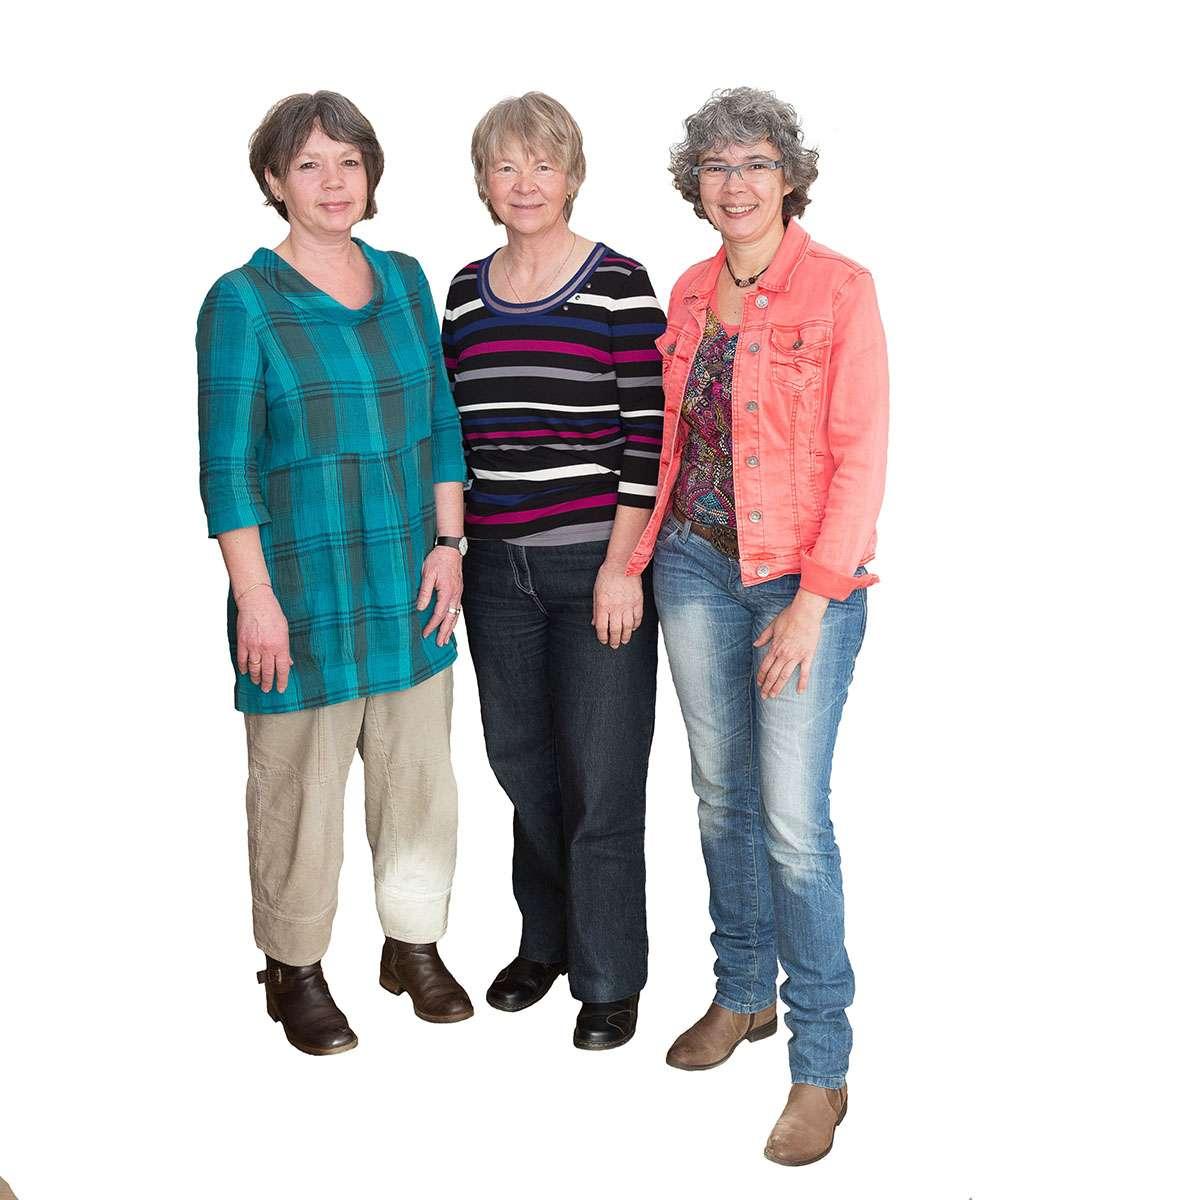 b ro koordination und trauerbegleitung hospiz bruchsal ambulante hospizgruppe bruchsal und. Black Bedroom Furniture Sets. Home Design Ideas